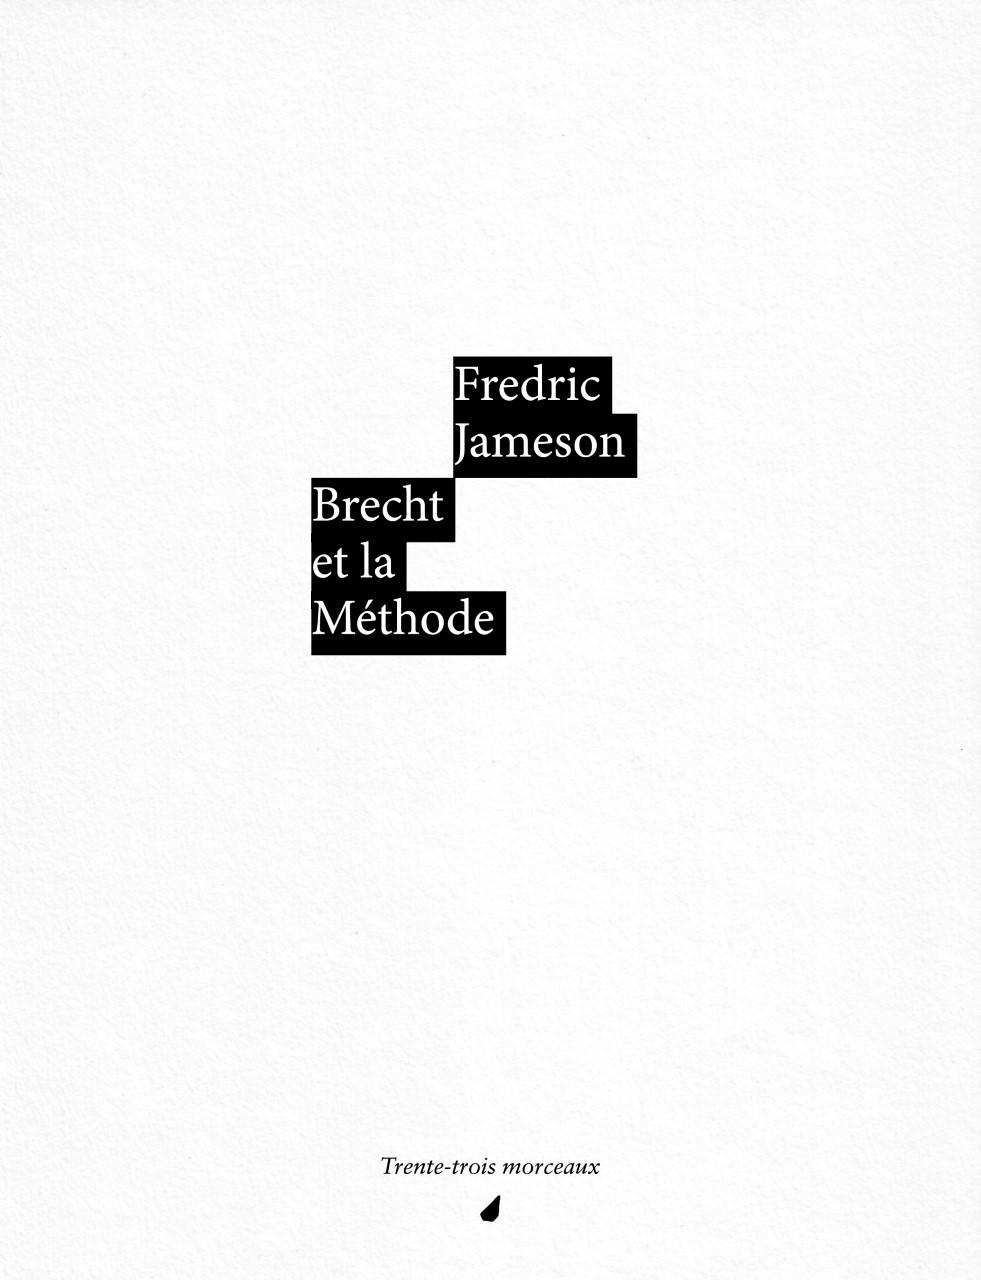 F. Jameson, Brecht et la méthode